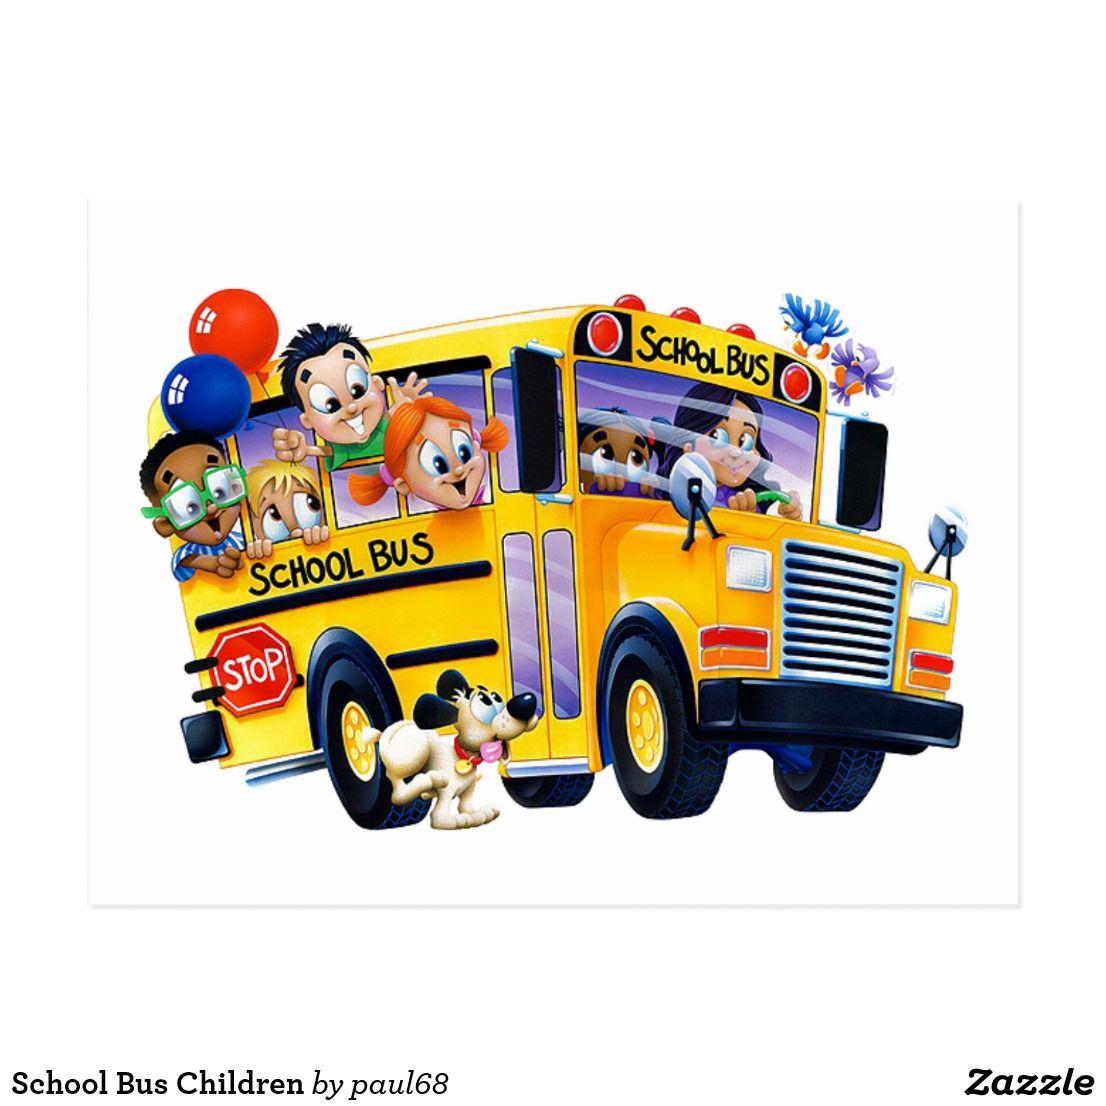 School Bus Children Postcard